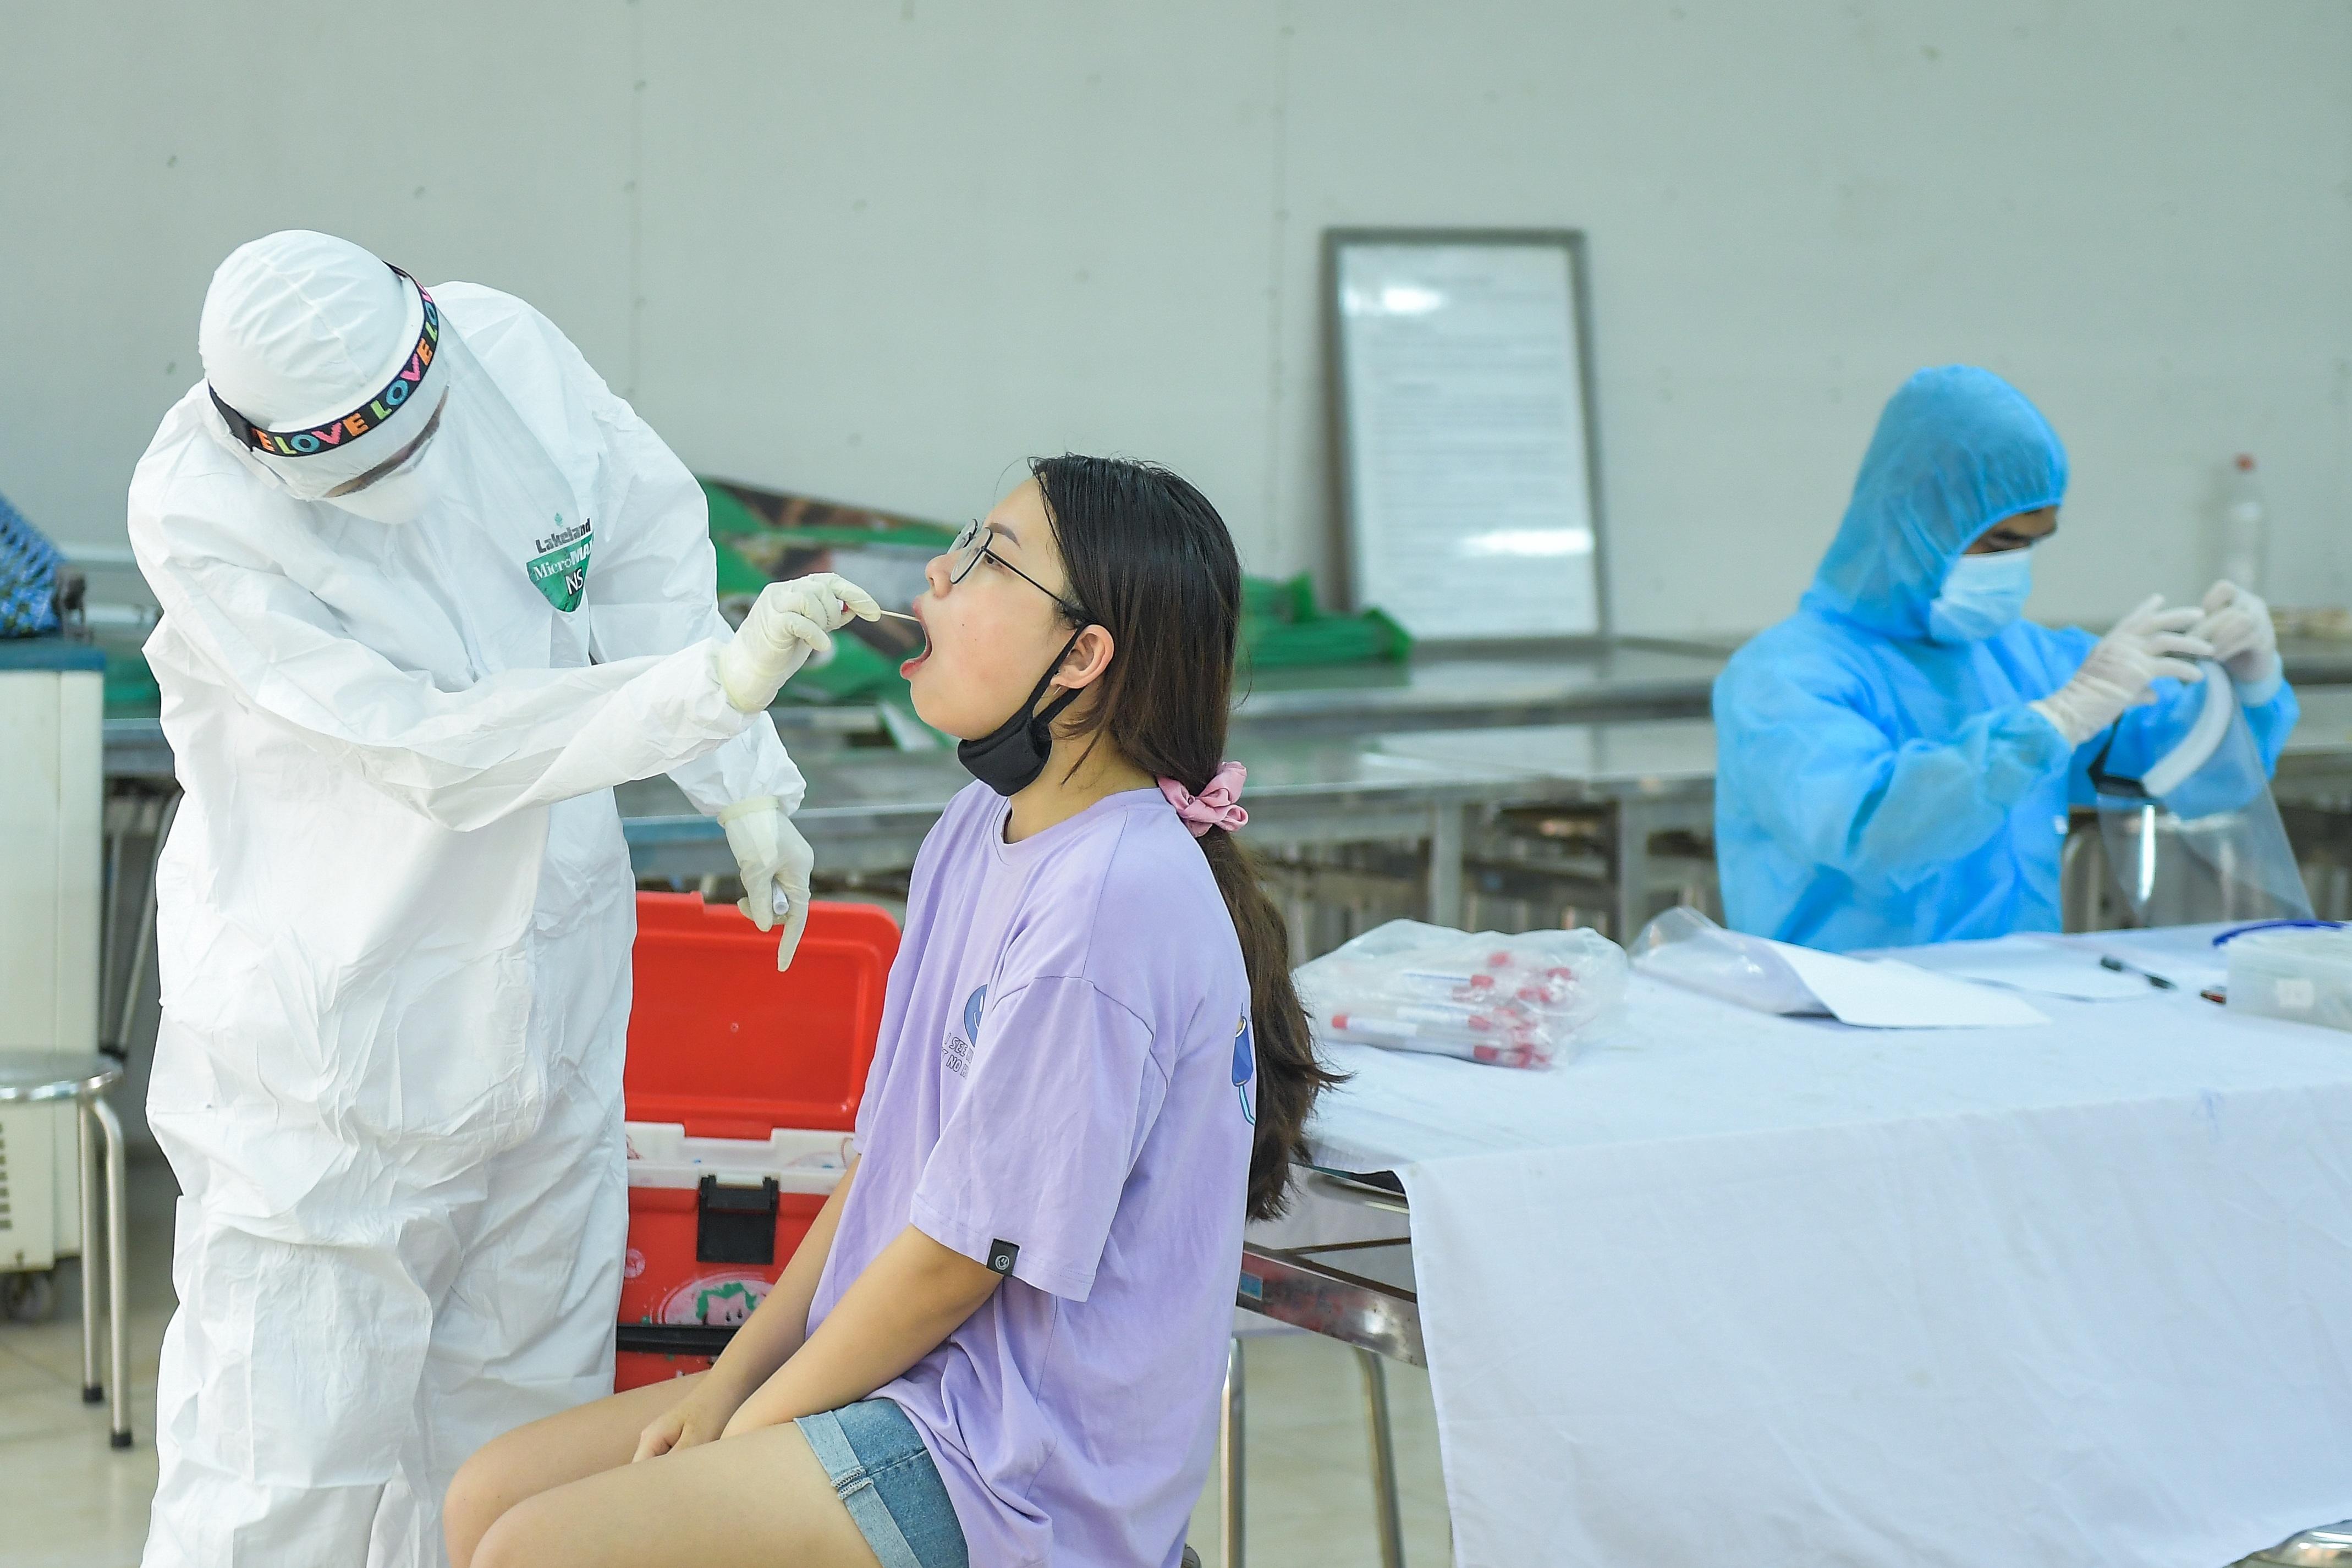 Hà Nội: Ngày đầu xét nghiệm PCR cho người trở về từ vùng dịch Đà Nẵng - 1